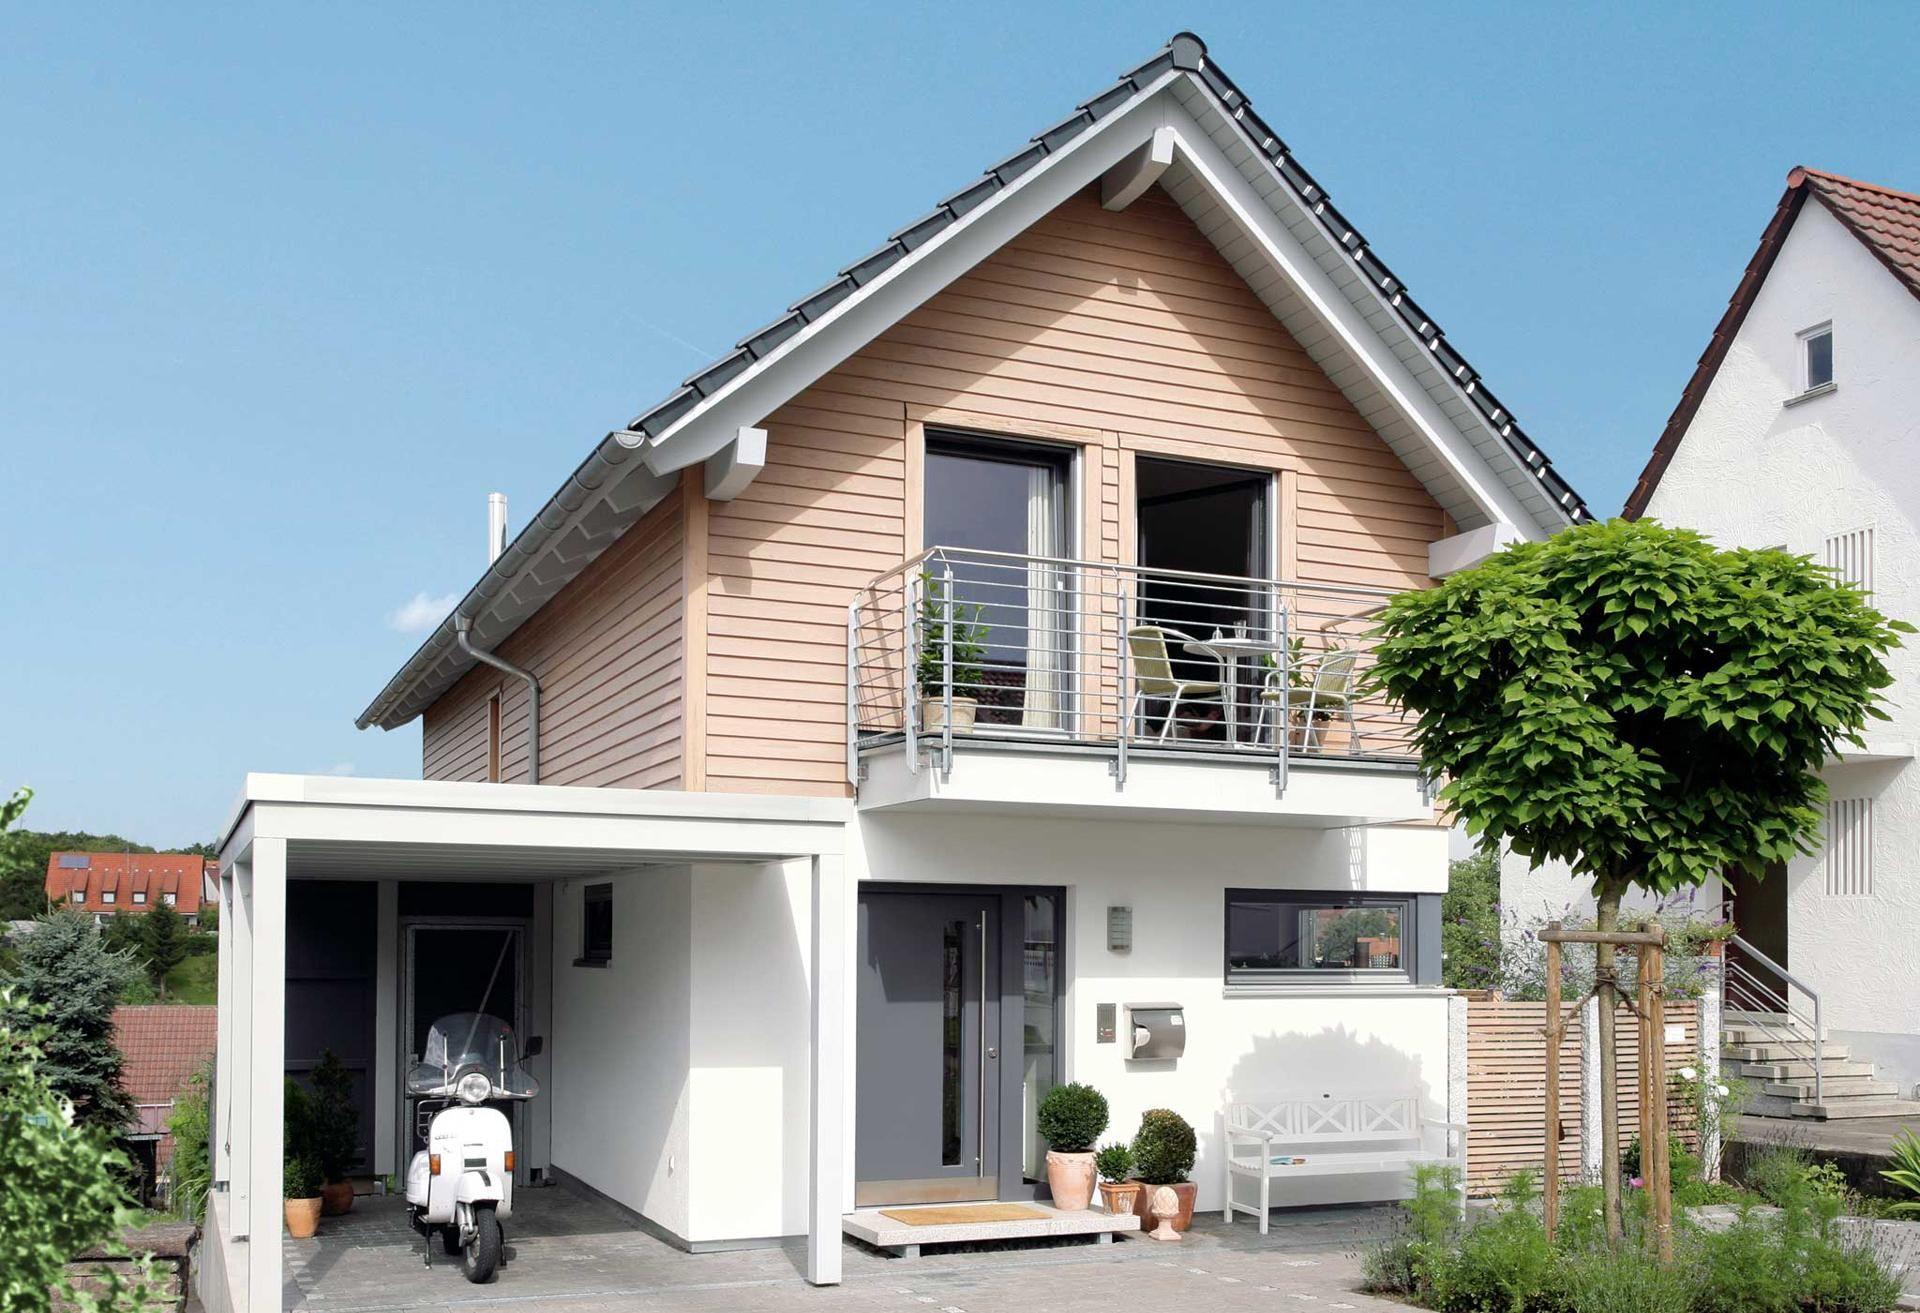 Schmales Hauskonzept Mit Carport Und Balkon Haus Schmales Grundstuck Schmales Haus Grundrisse Schmales Haus